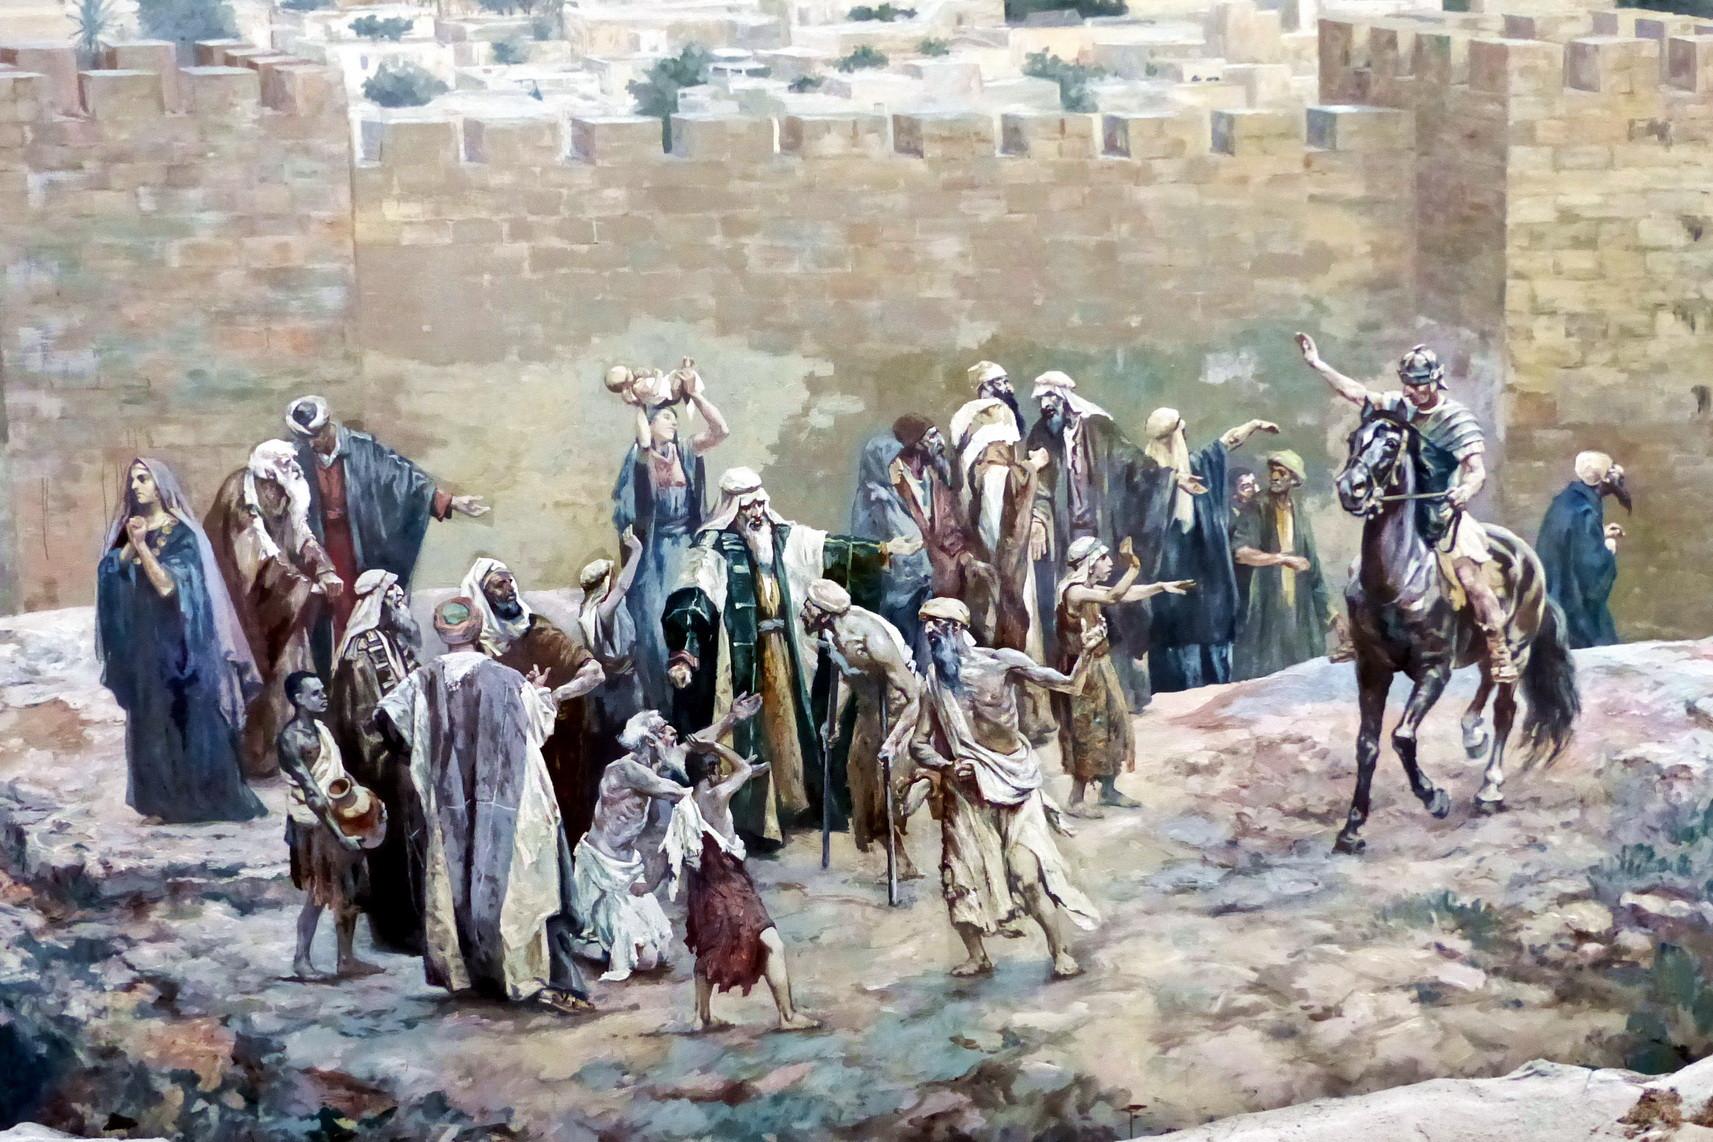 Motiv 9 - Ein römischer Kavallerist vertreibt die Pilger